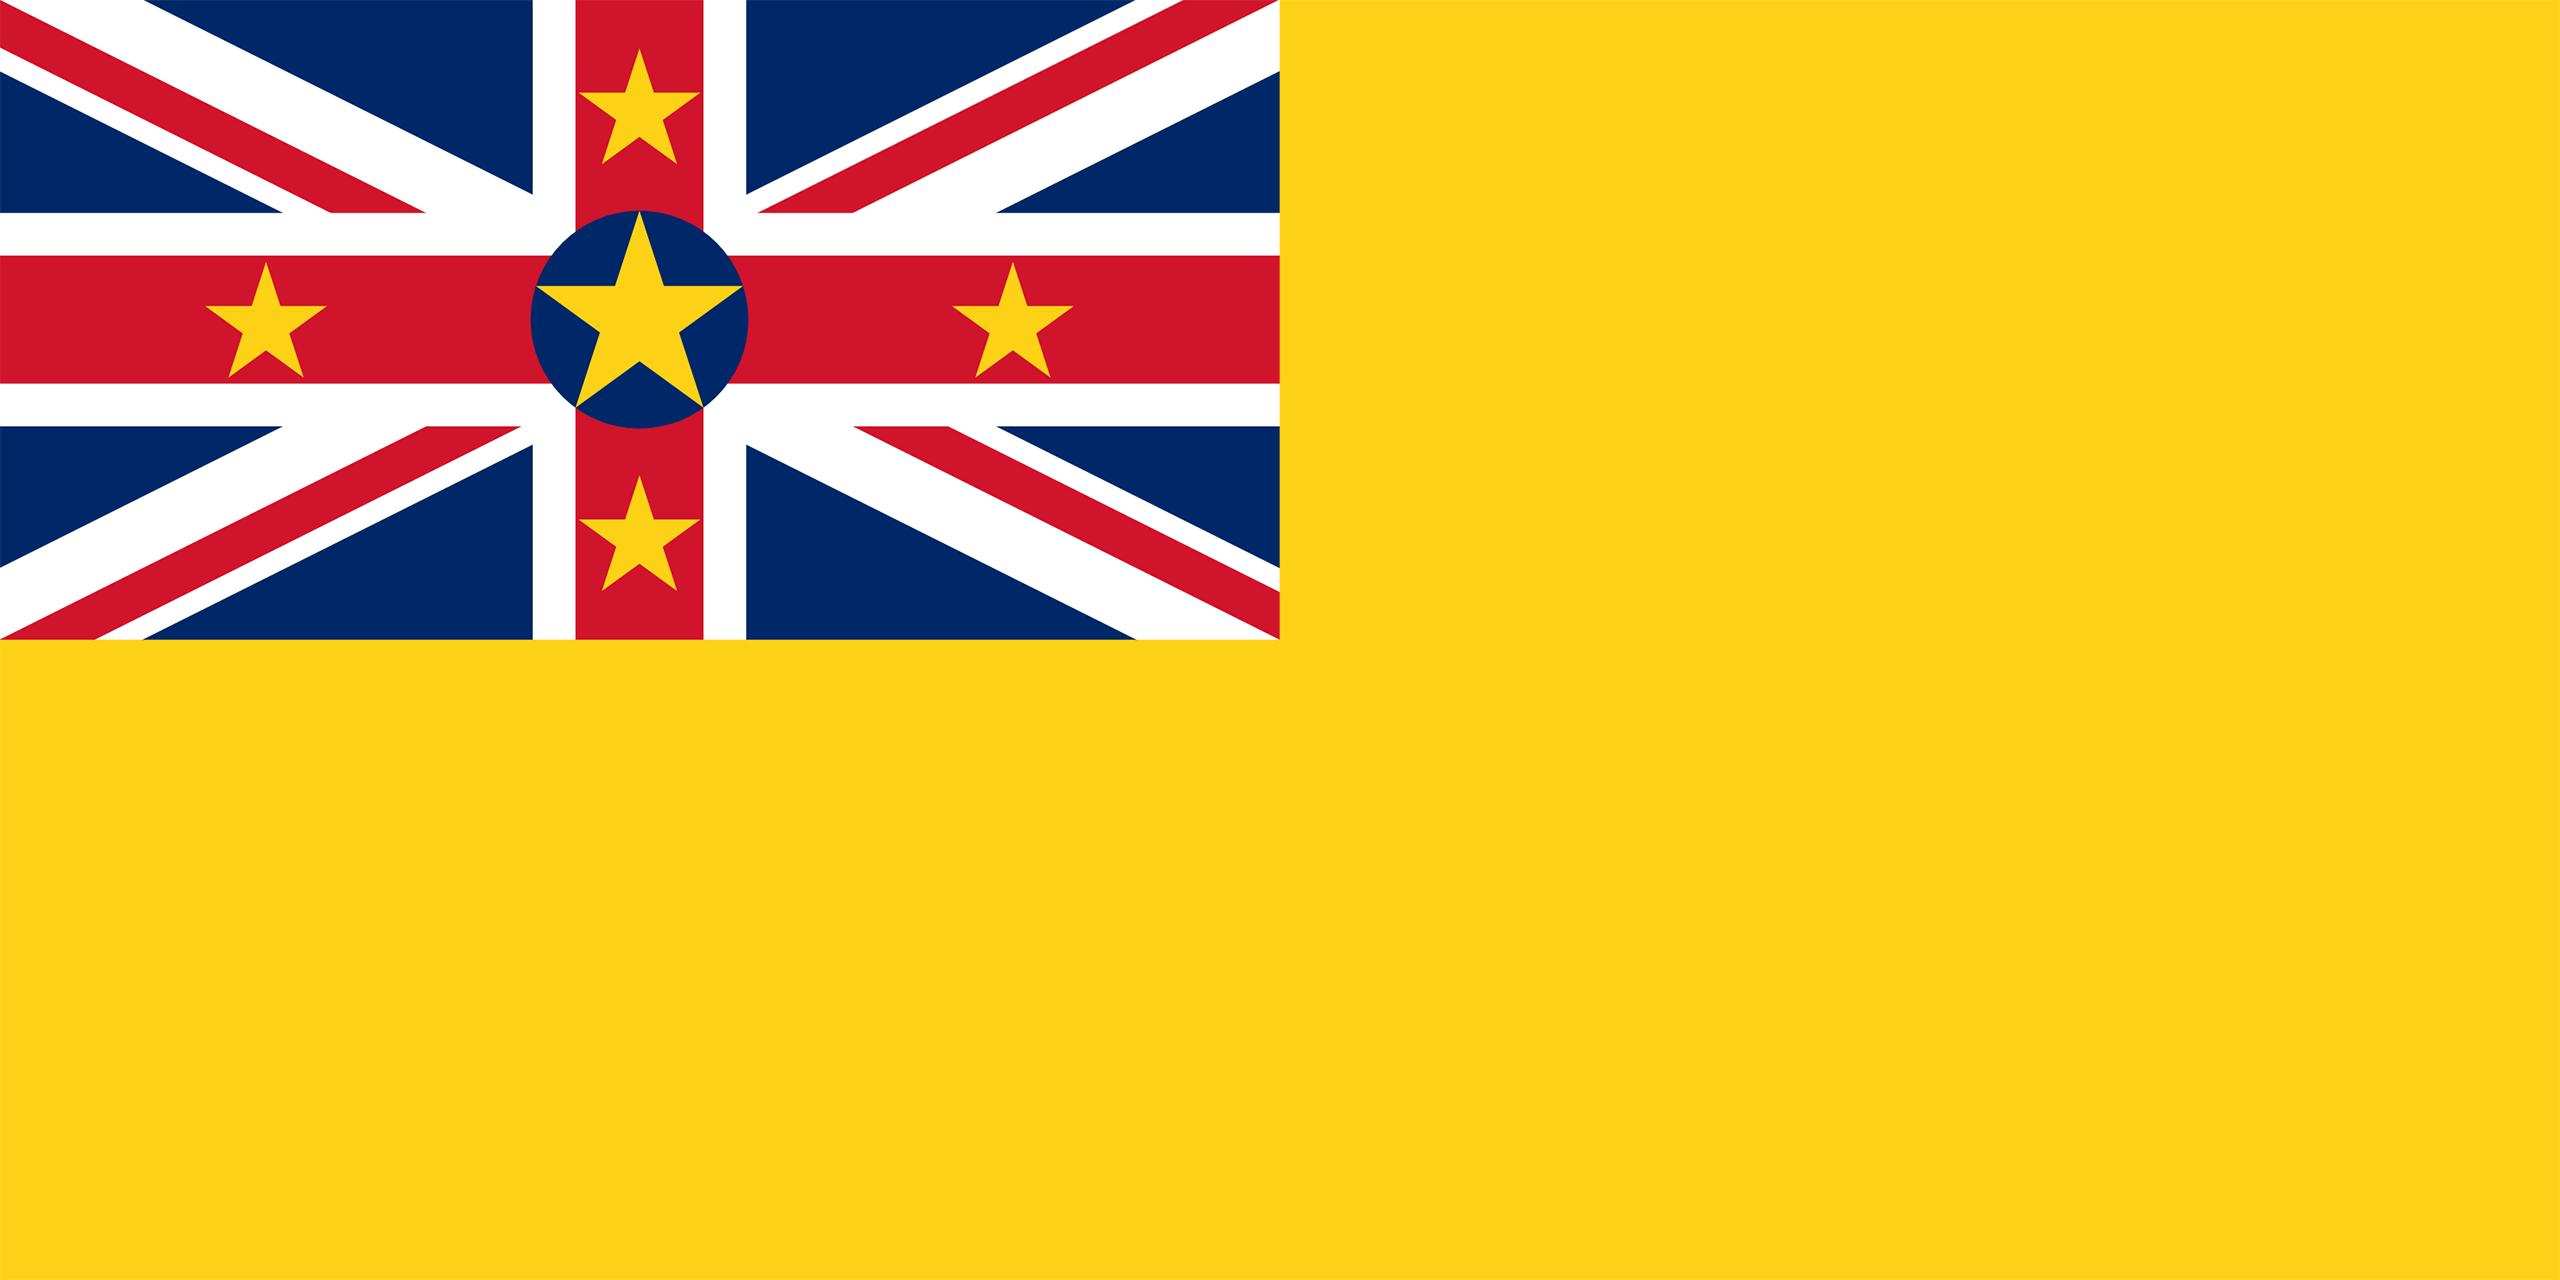 niue, país, emblema, insignia, シンボル - HD の壁紙 - 教授-falken.com